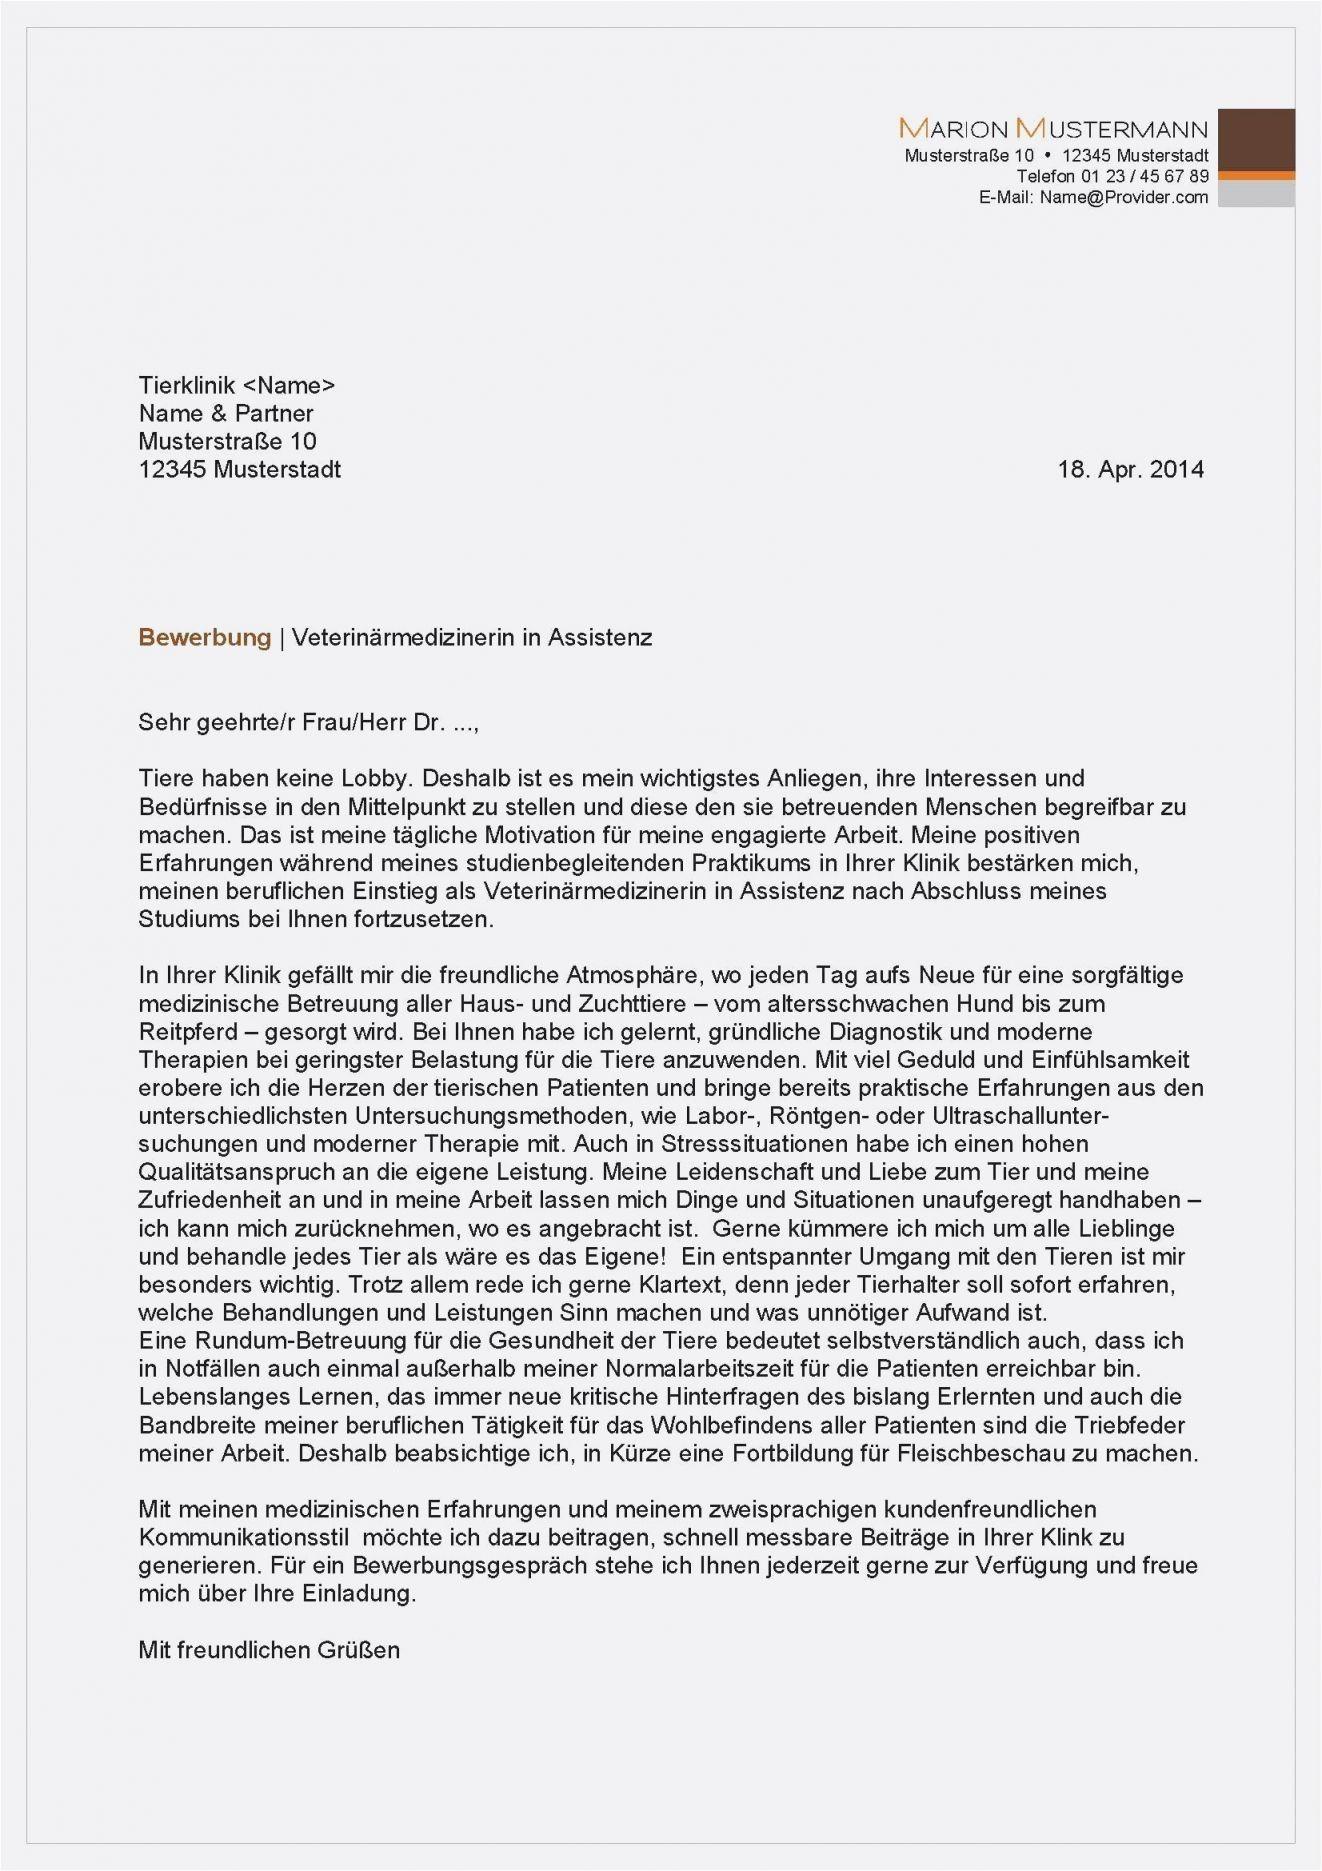 Neu Anschreiben Als Reinigungskraft Briefprobe Briefformat Briefvorlage Bewerbung Schreiben Lebenslauf Muster Bewerbungsschreiben Muster